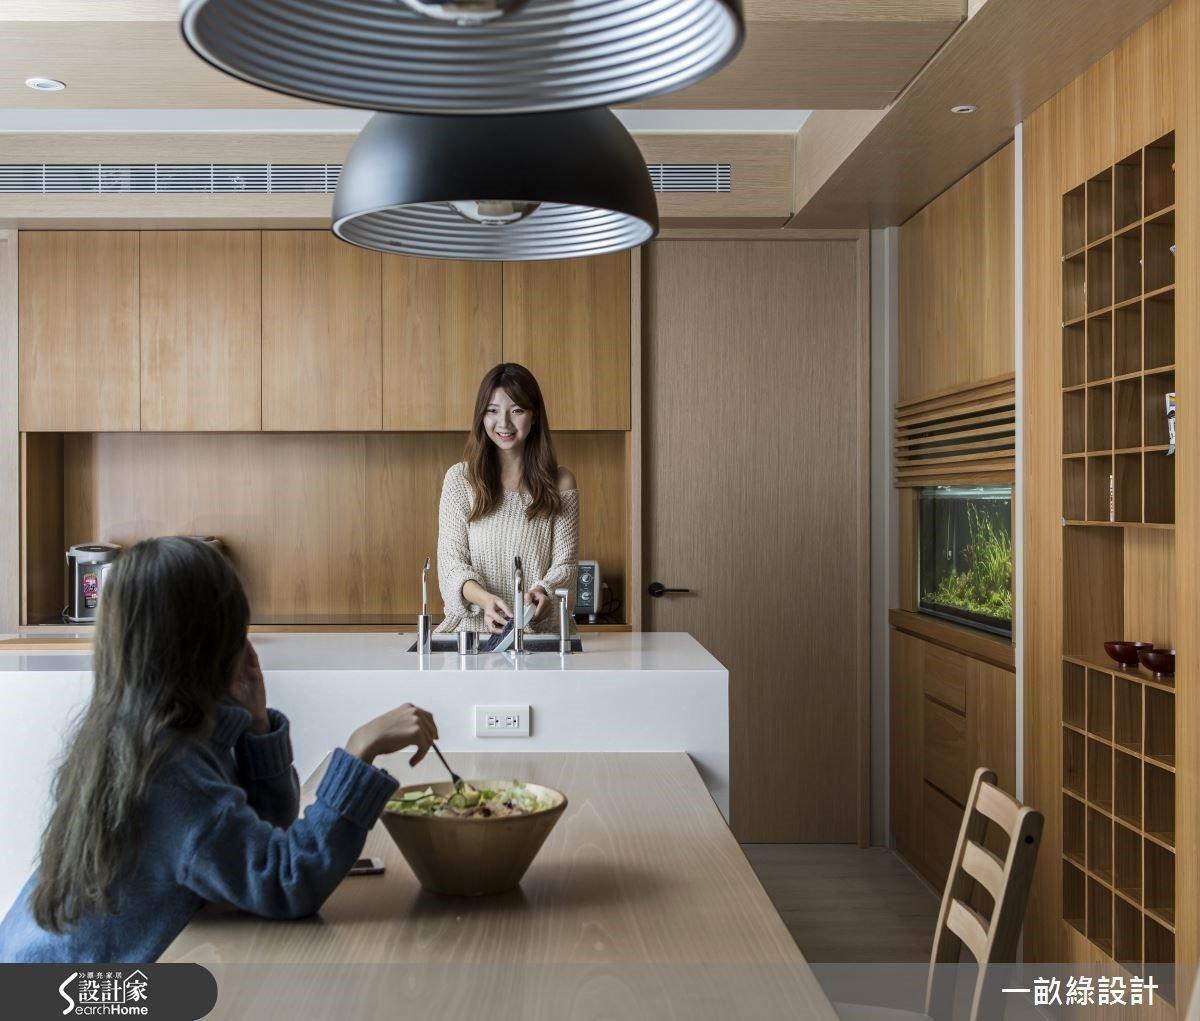 修改臥室比例,將女屋主期待的餐廚區放大,中島旁櫃體置入水族箱及杯具的蒐藏展示格,成為下廚時點亮愉悅心情的端景牆。